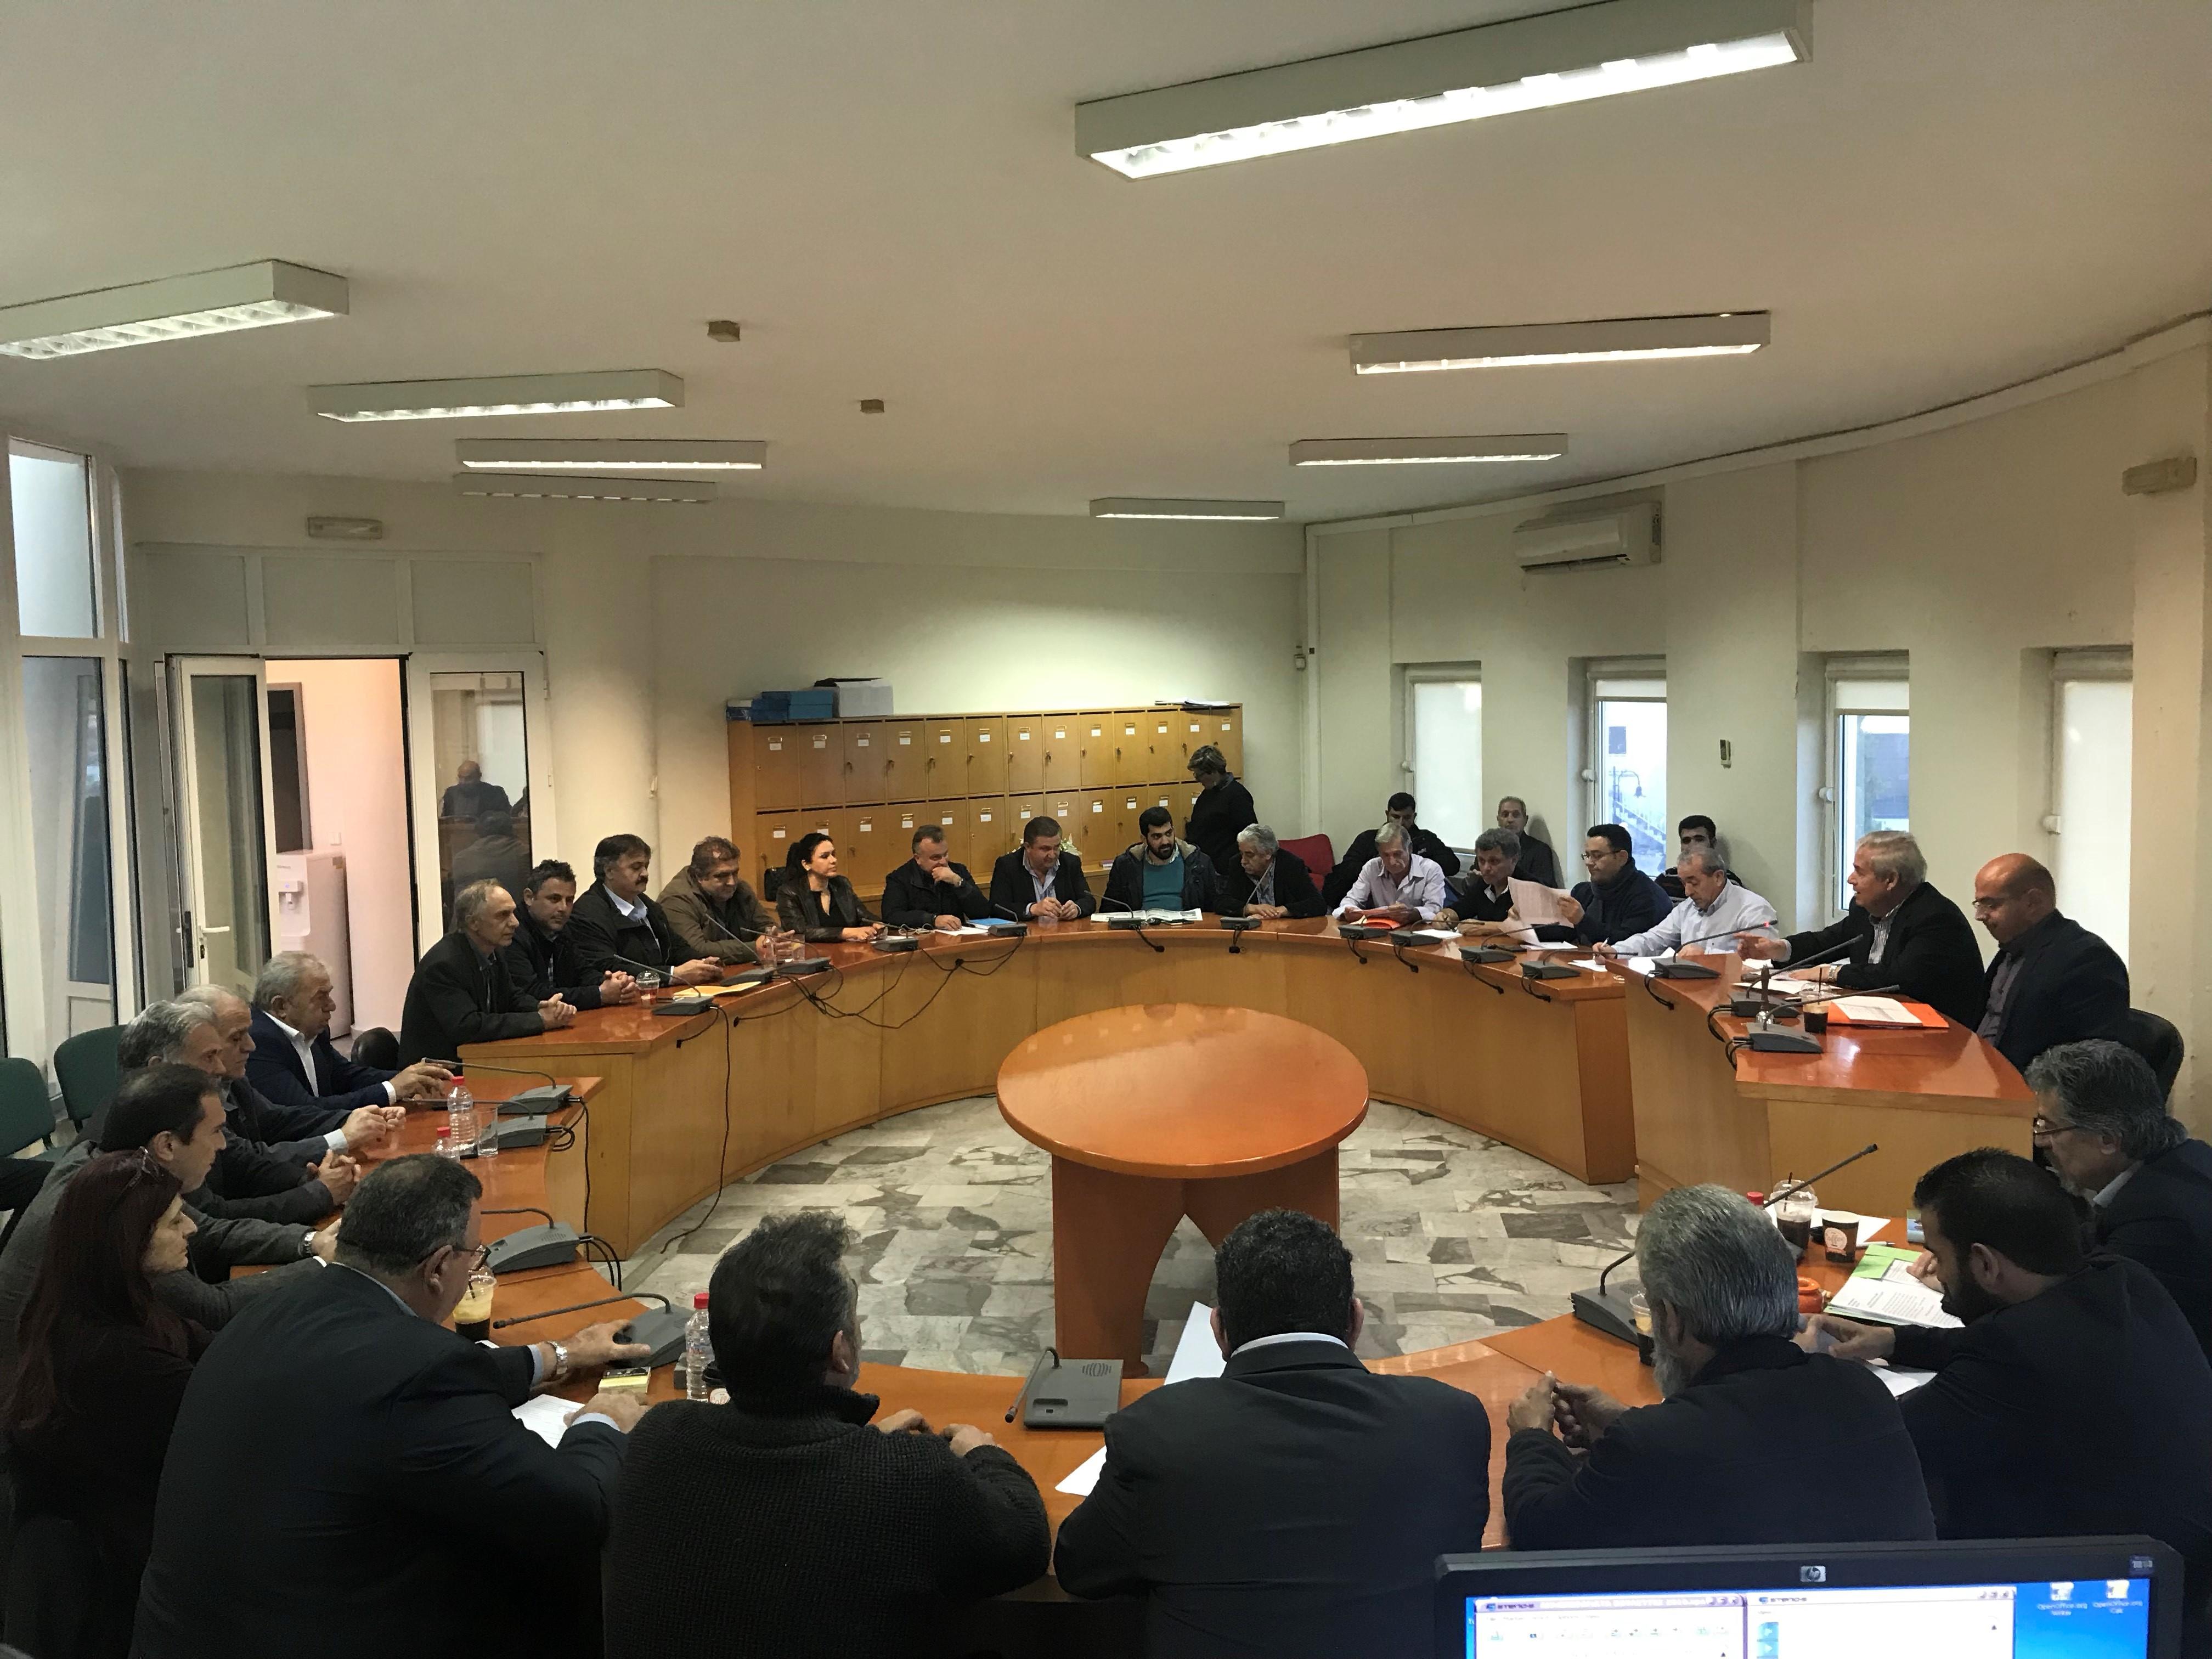 Η απομάκρυνση του ΑΗΣ Ληνοπεραμάτων και όλα τα ενεργειακά θέματα στη συνάντηση με τους Βουλευτές